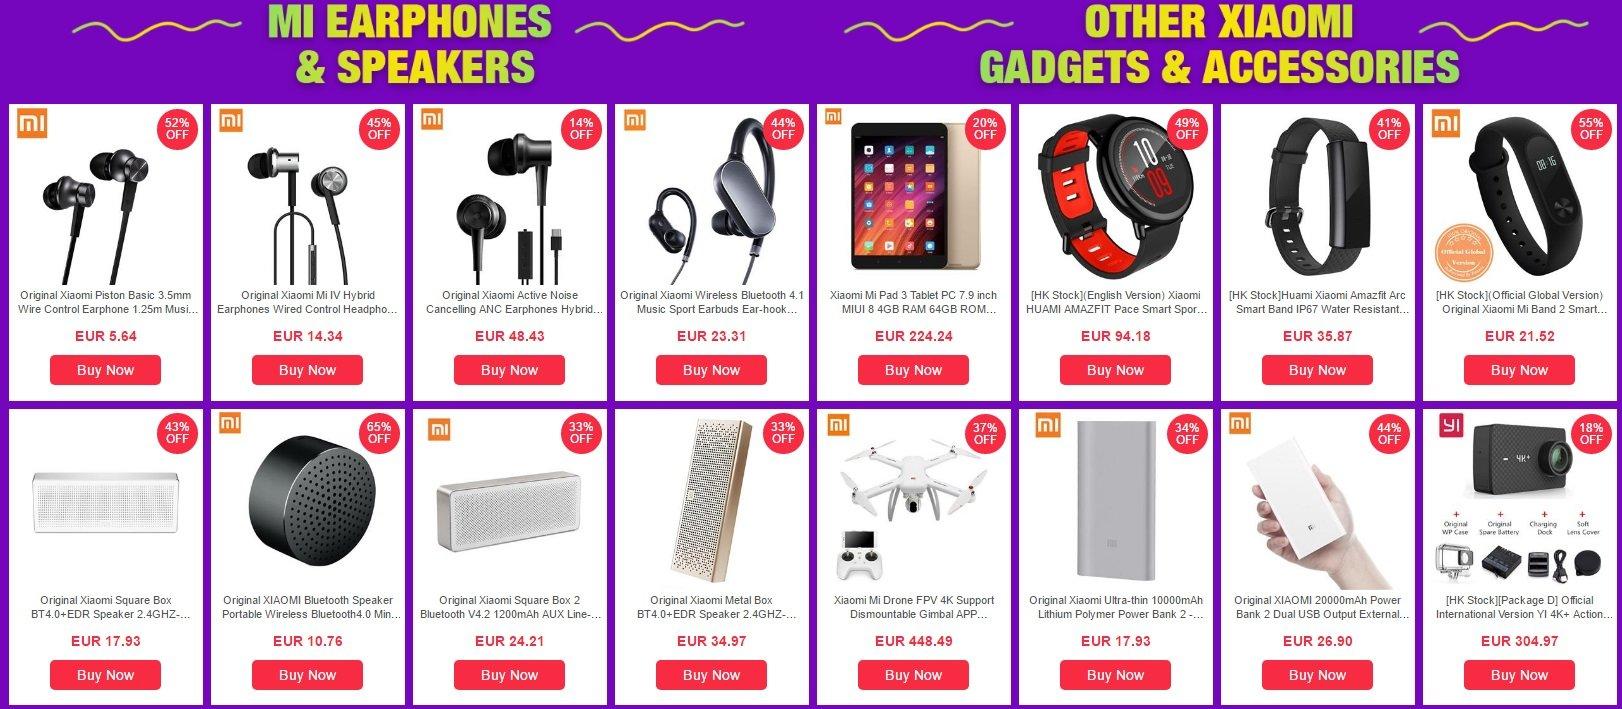 Μοναδικές προσφορές σε Xiaomi συσκευές, μόνο για λίγο στο Geekbuying! 2